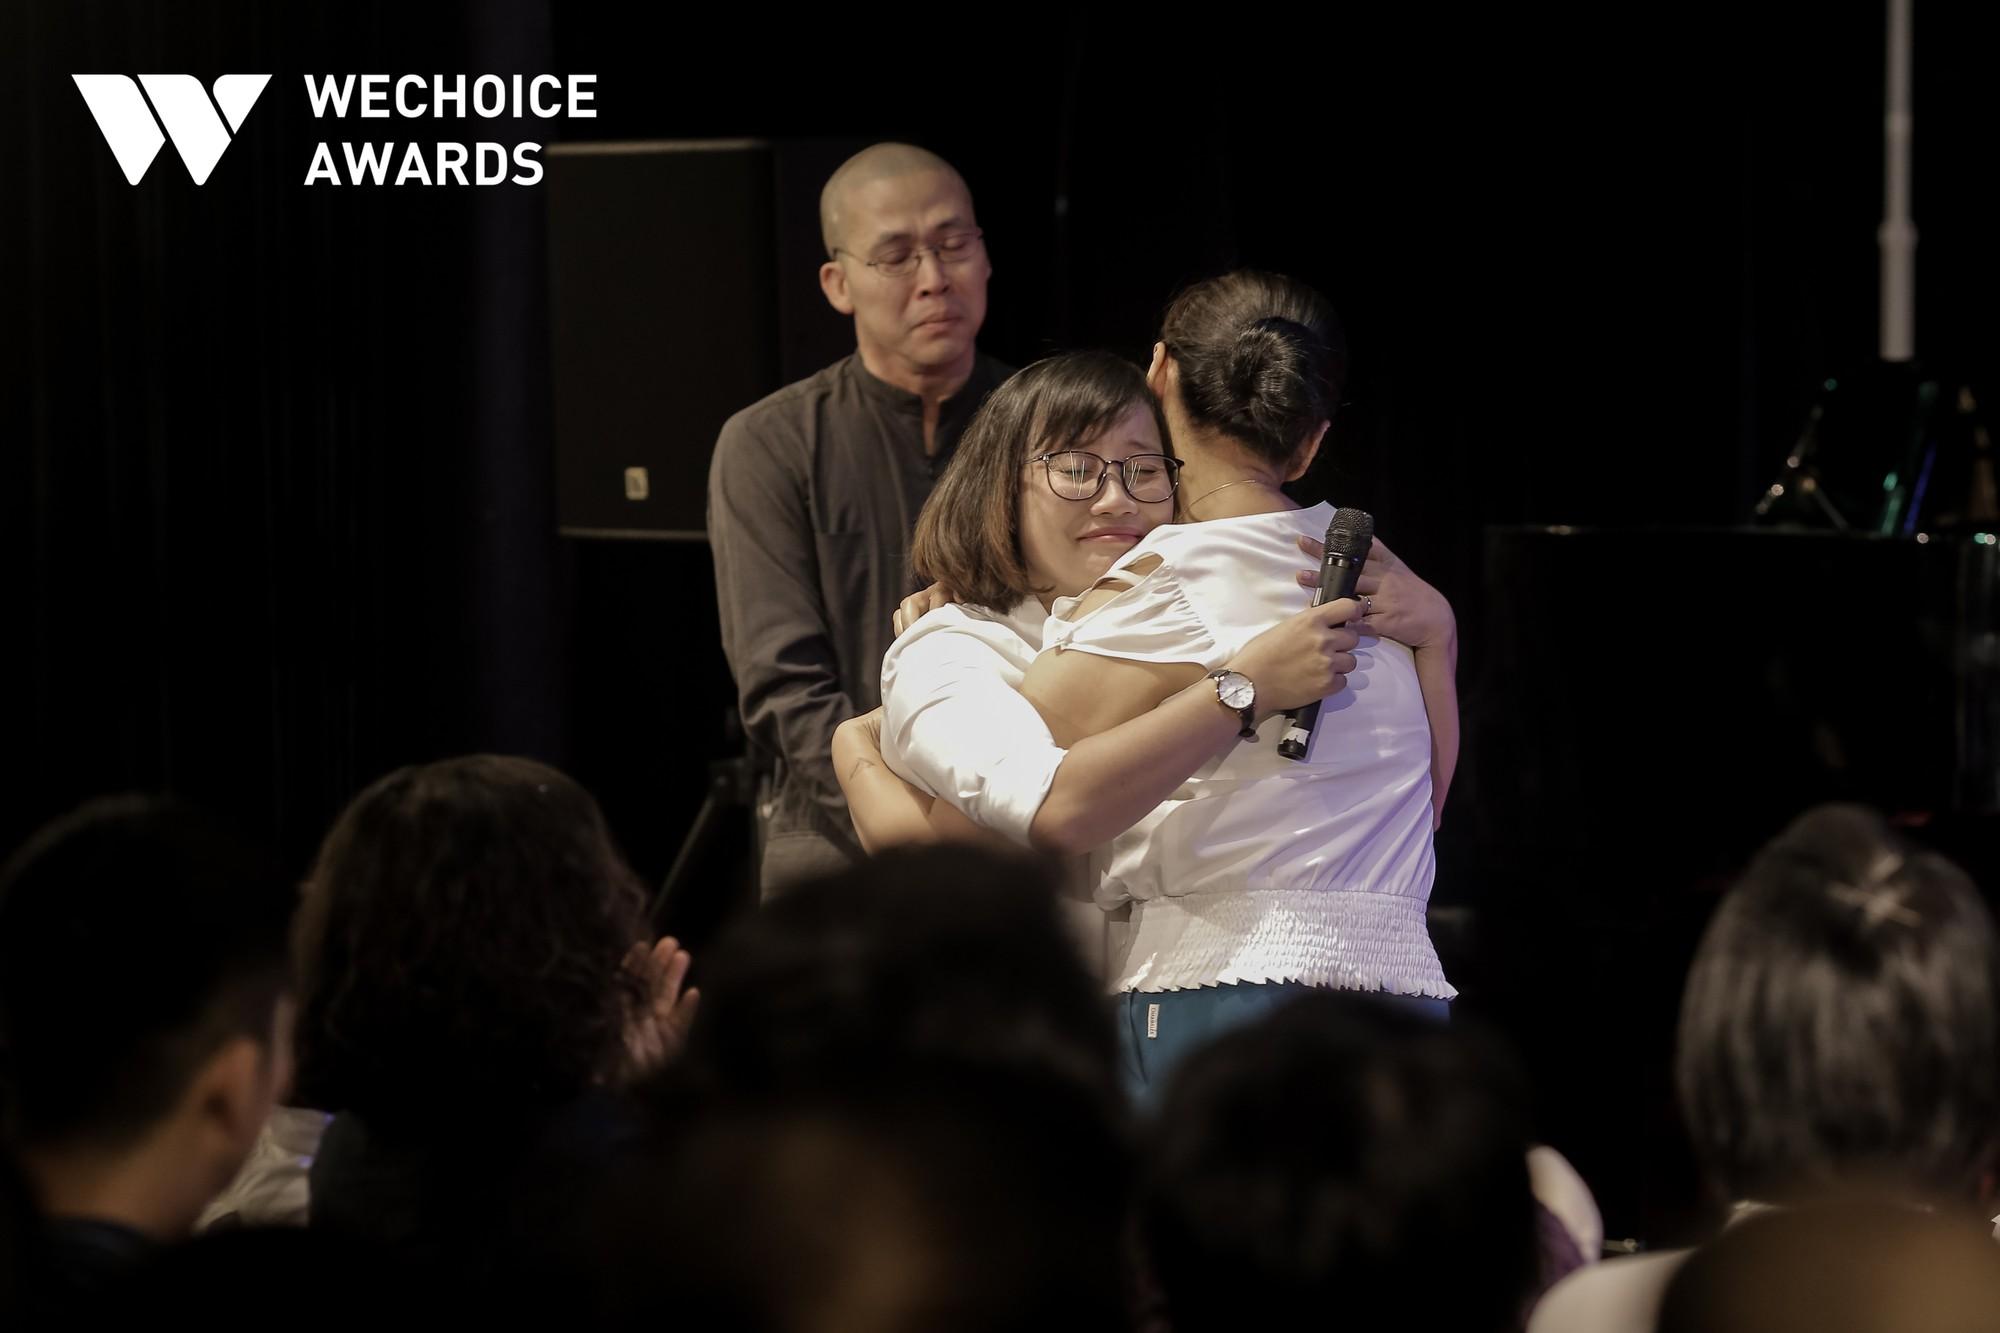 Cô gái ung thư trên sân khấu Memento Mori với vai diễn về cuộc đời của chính mình: Chưa bao giờ cảm giác cơn đau kinh khủng như thế - Ảnh 12.